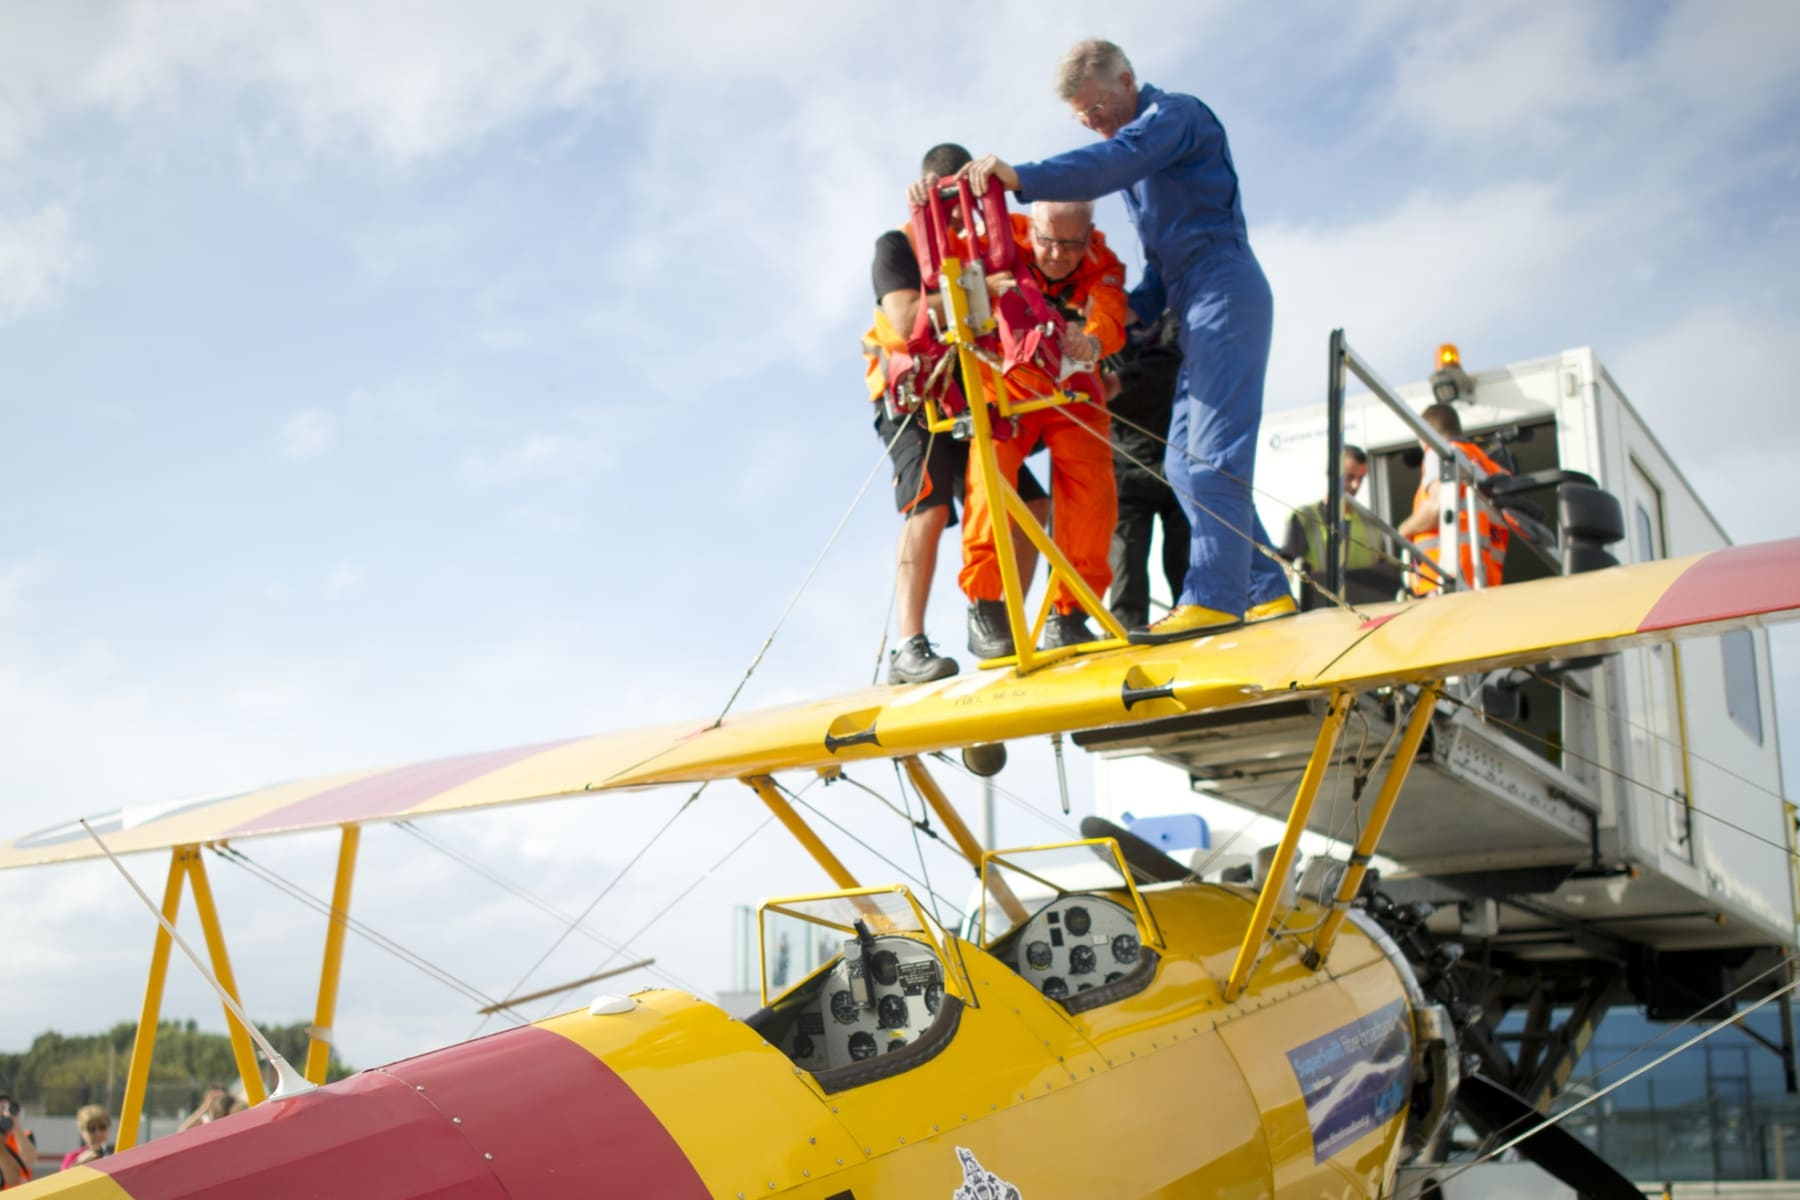 tom-lackey-acrobata-aereo-de-94-anos-en-gibraltar-10102014-09_15493080656_o